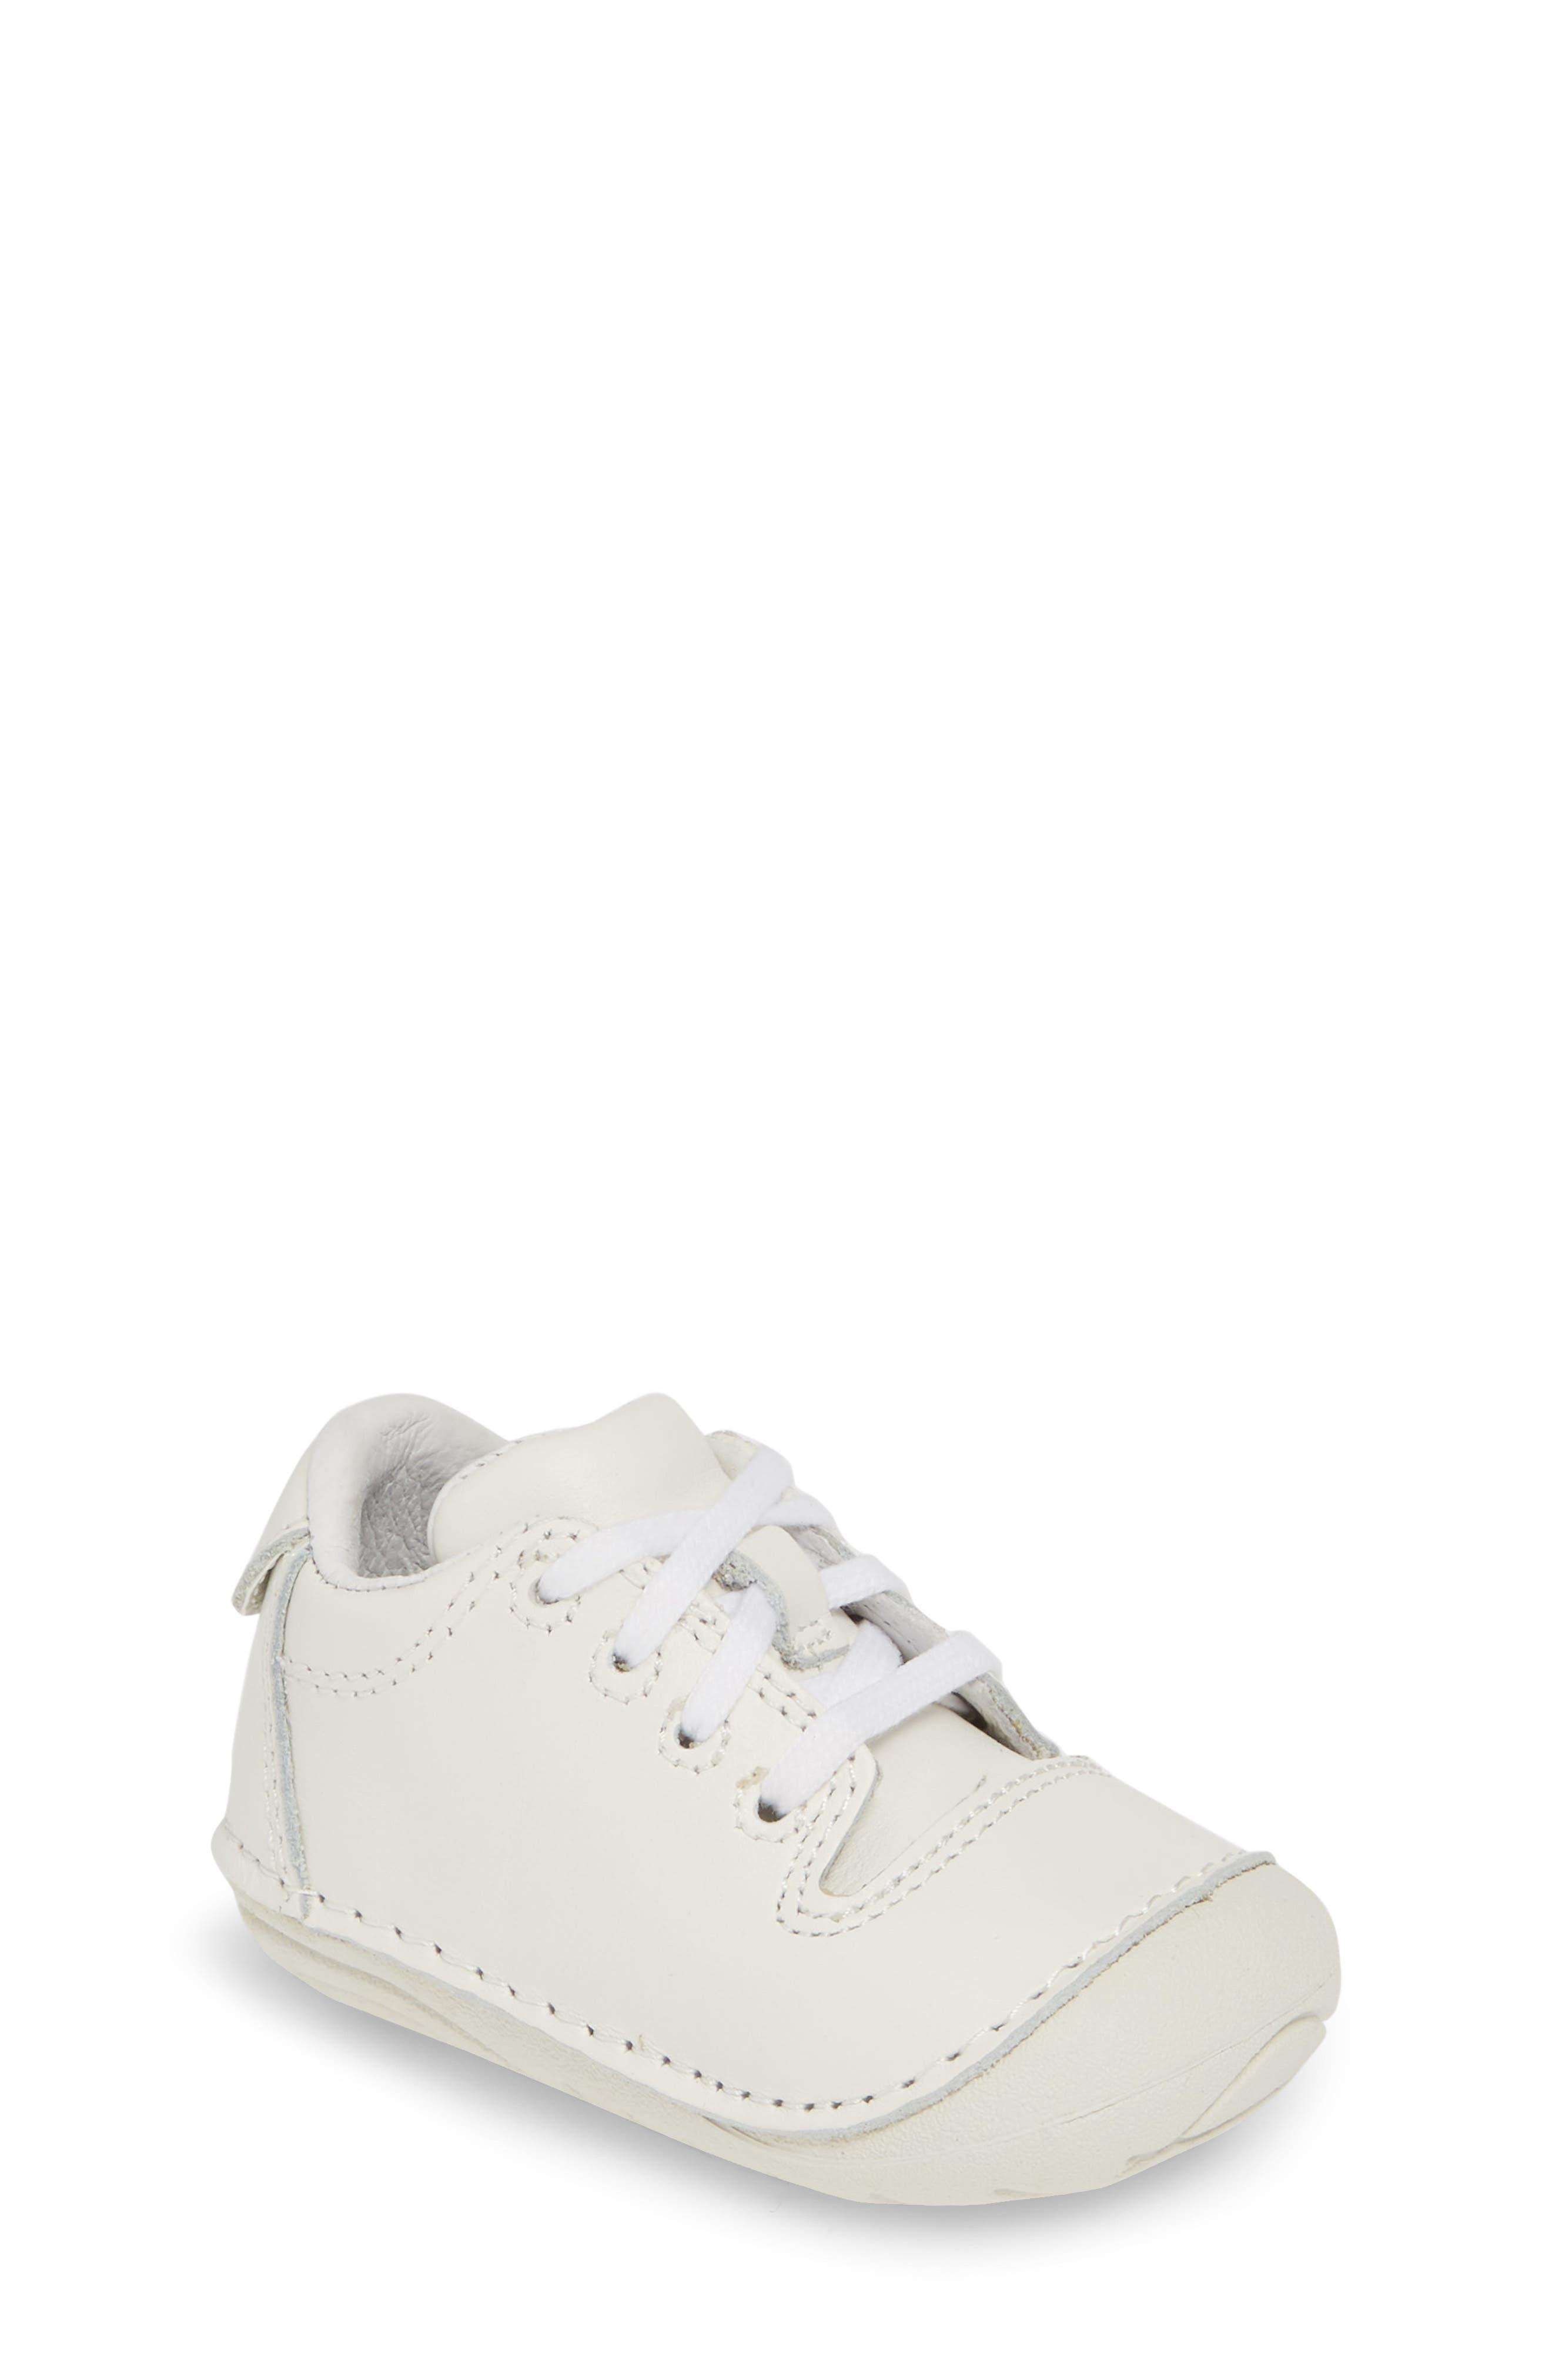 b8f6ae4487c3 Stride Rite Baby Walking Shoes